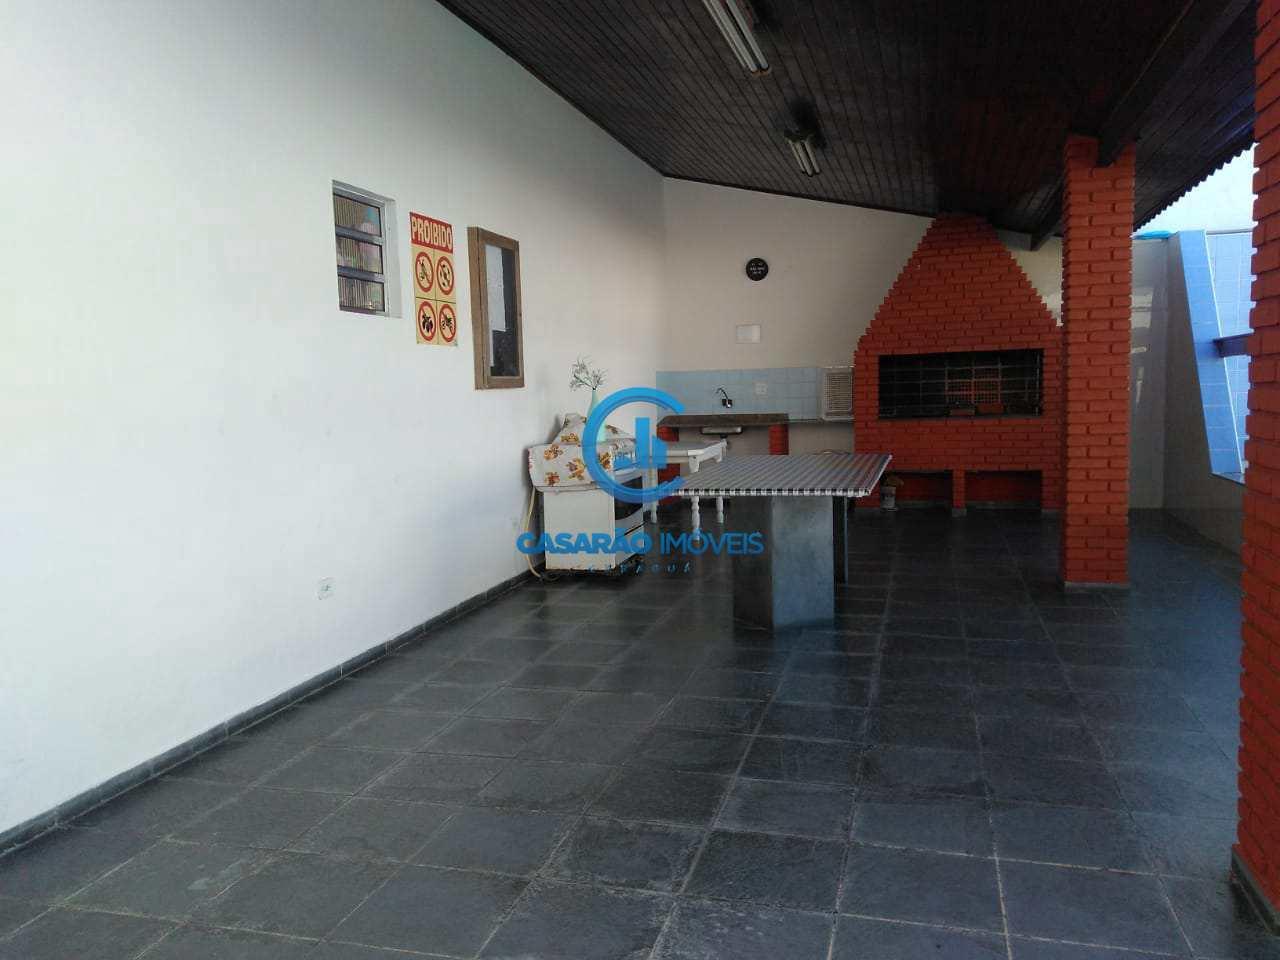 Sobrado com 2 dorms, Parque Balneário Poiares, Caraguatatuba - R$ 360 mil, Cod: 9141